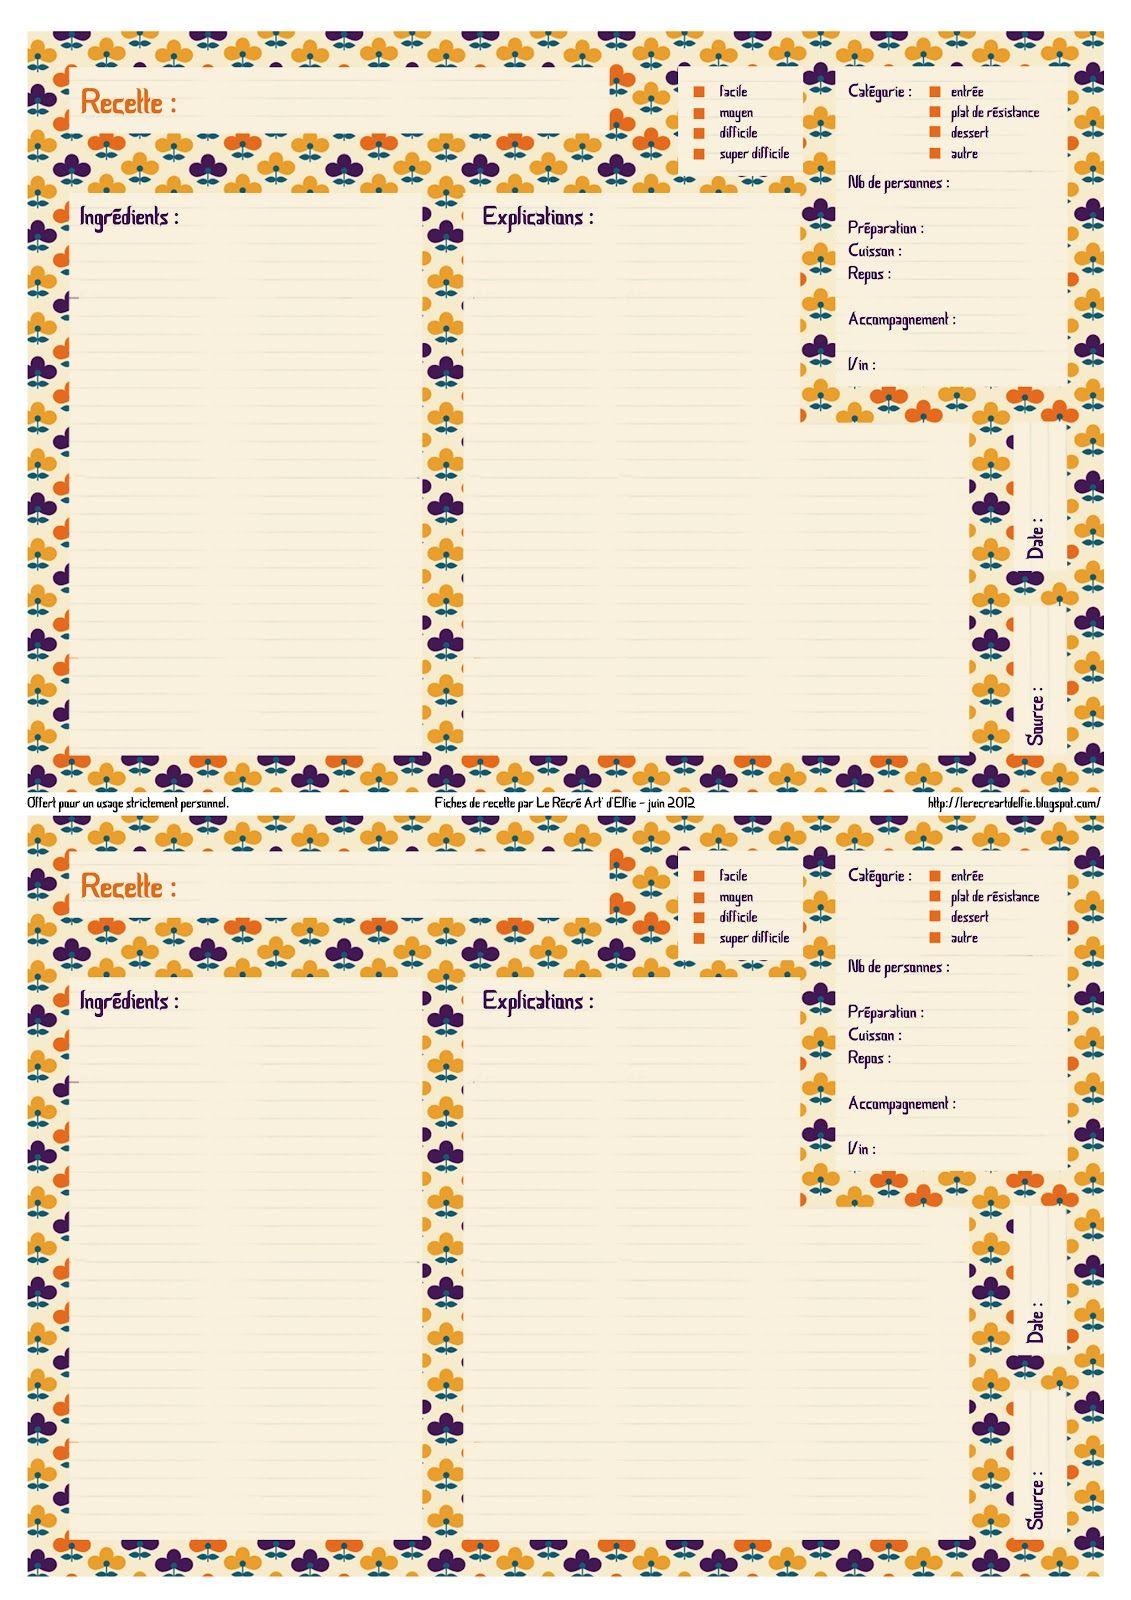 freebies t l charger fiches recette recto by le r cr art 39 d 39 elfie le r cr art delfie my. Black Bedroom Furniture Sets. Home Design Ideas